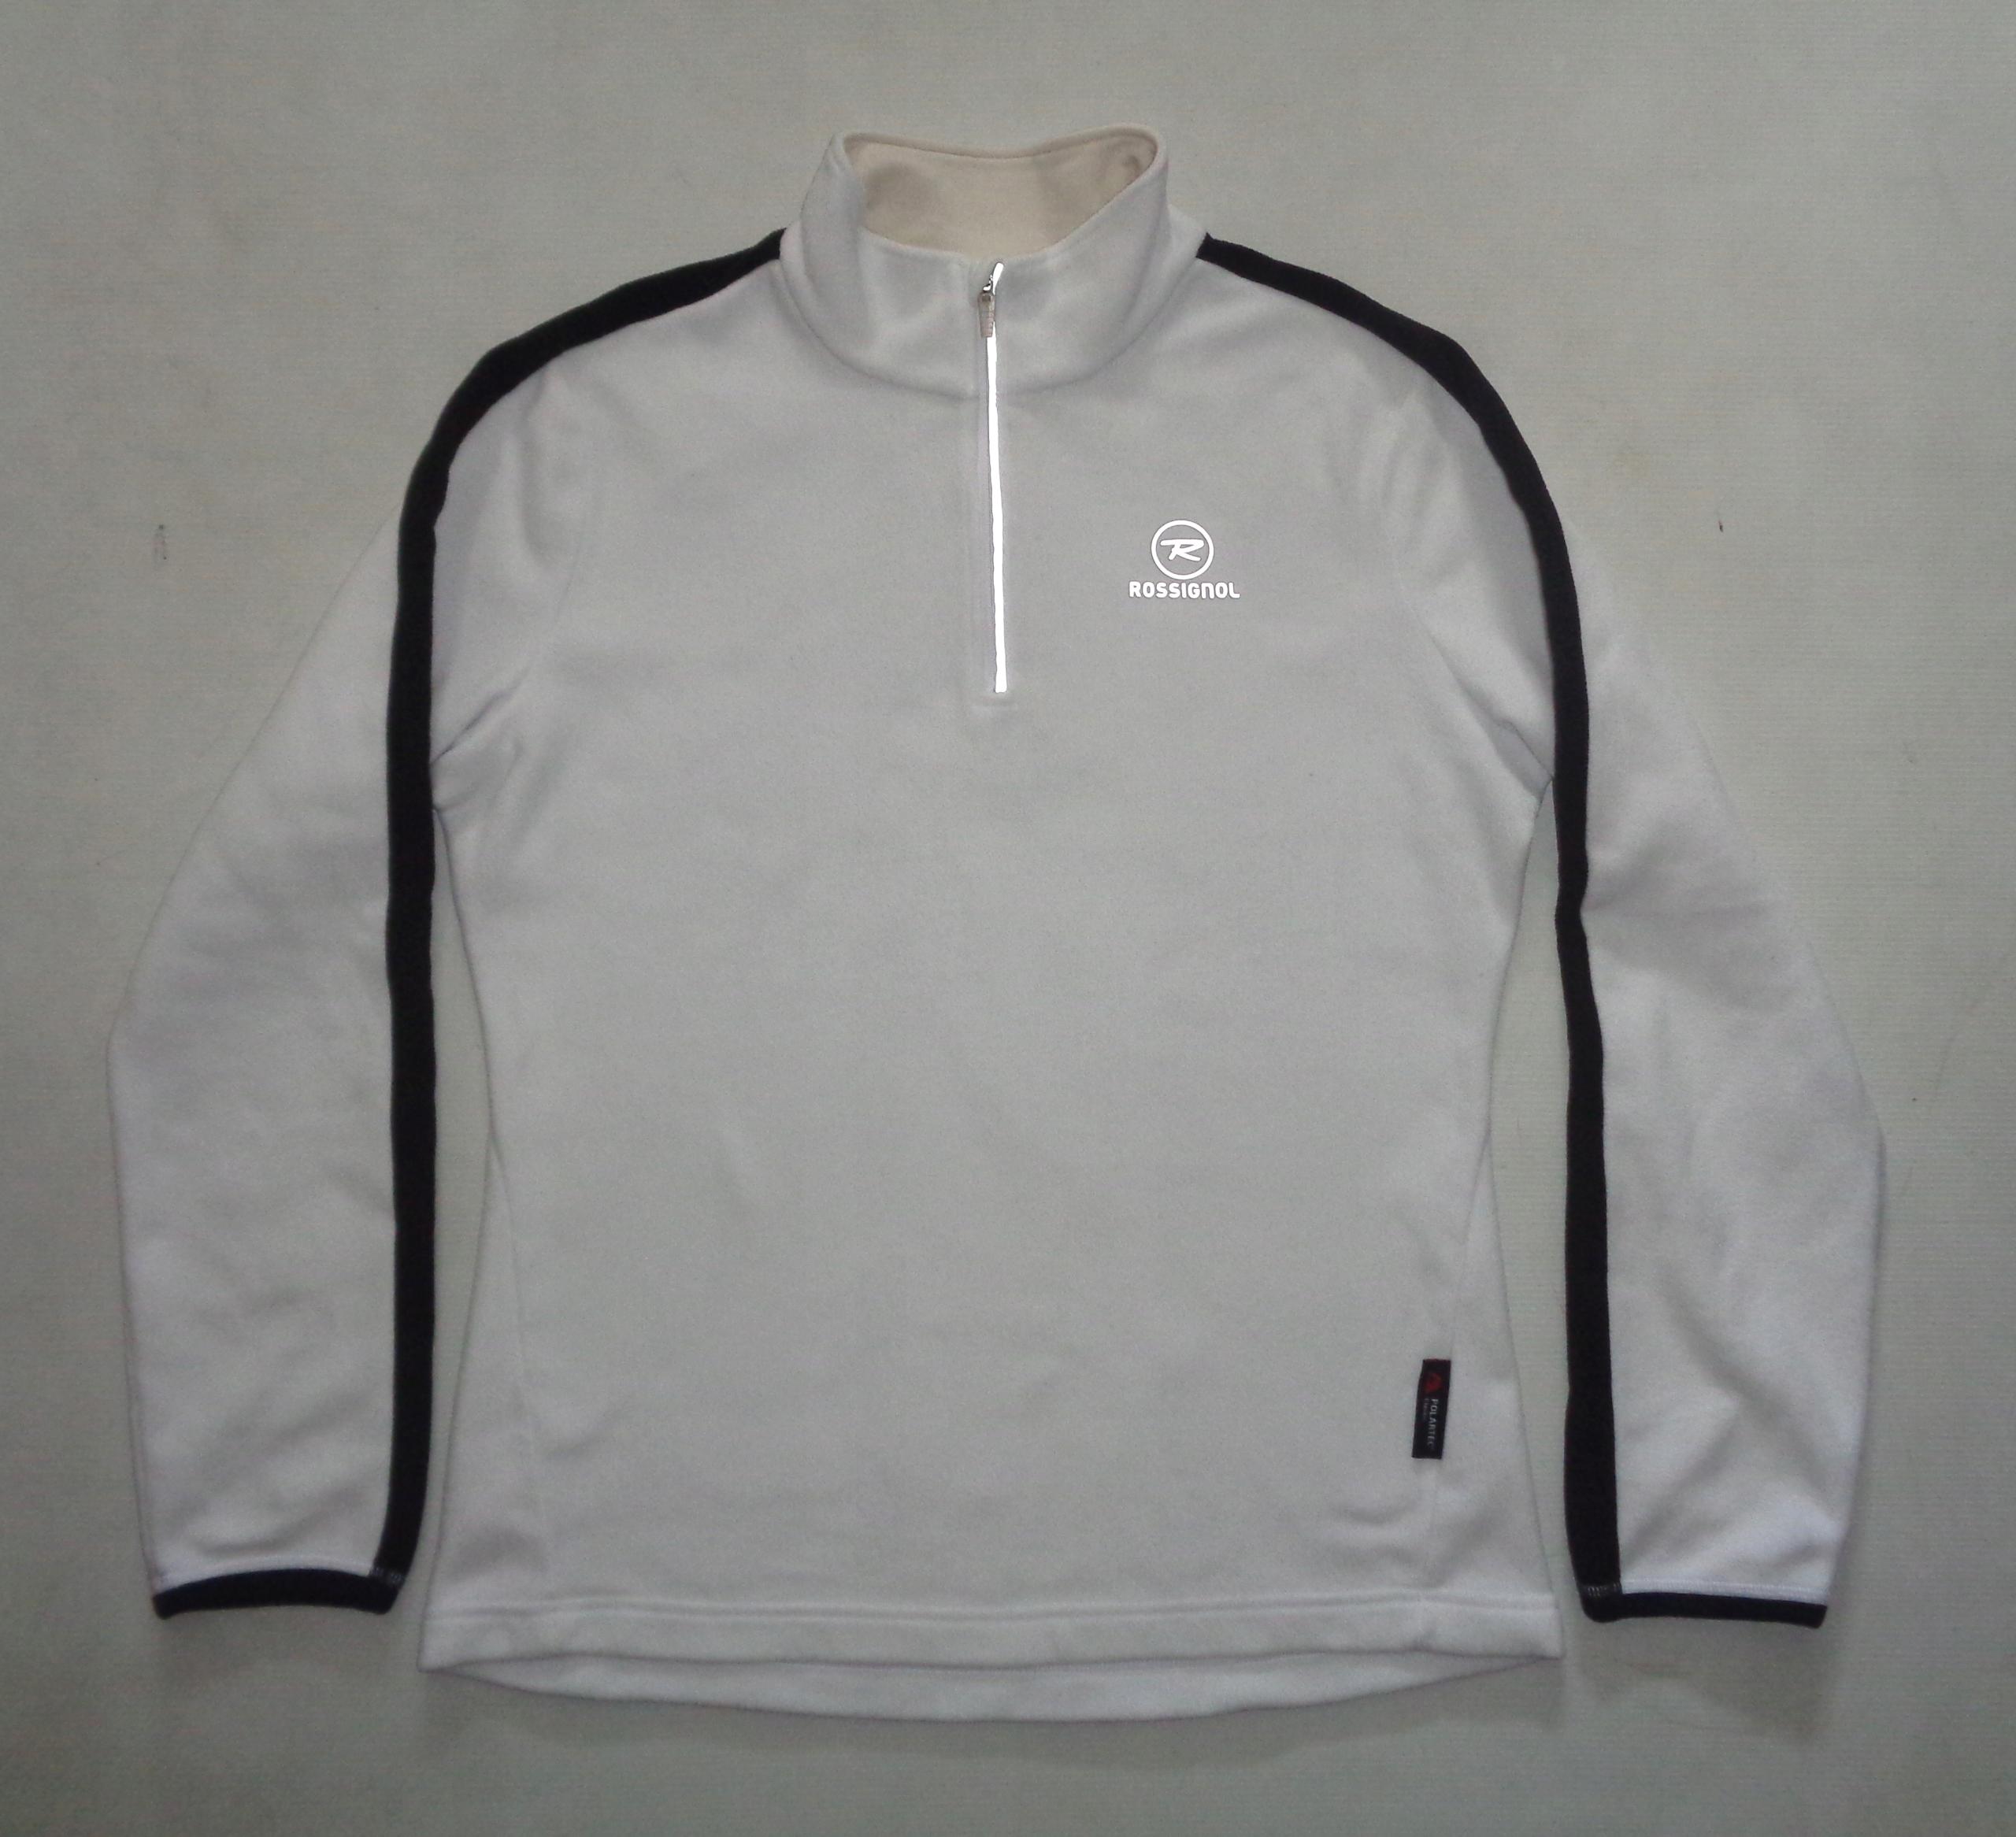 ROSSIGNOL POLARTEC bluza damska narciarska - XL